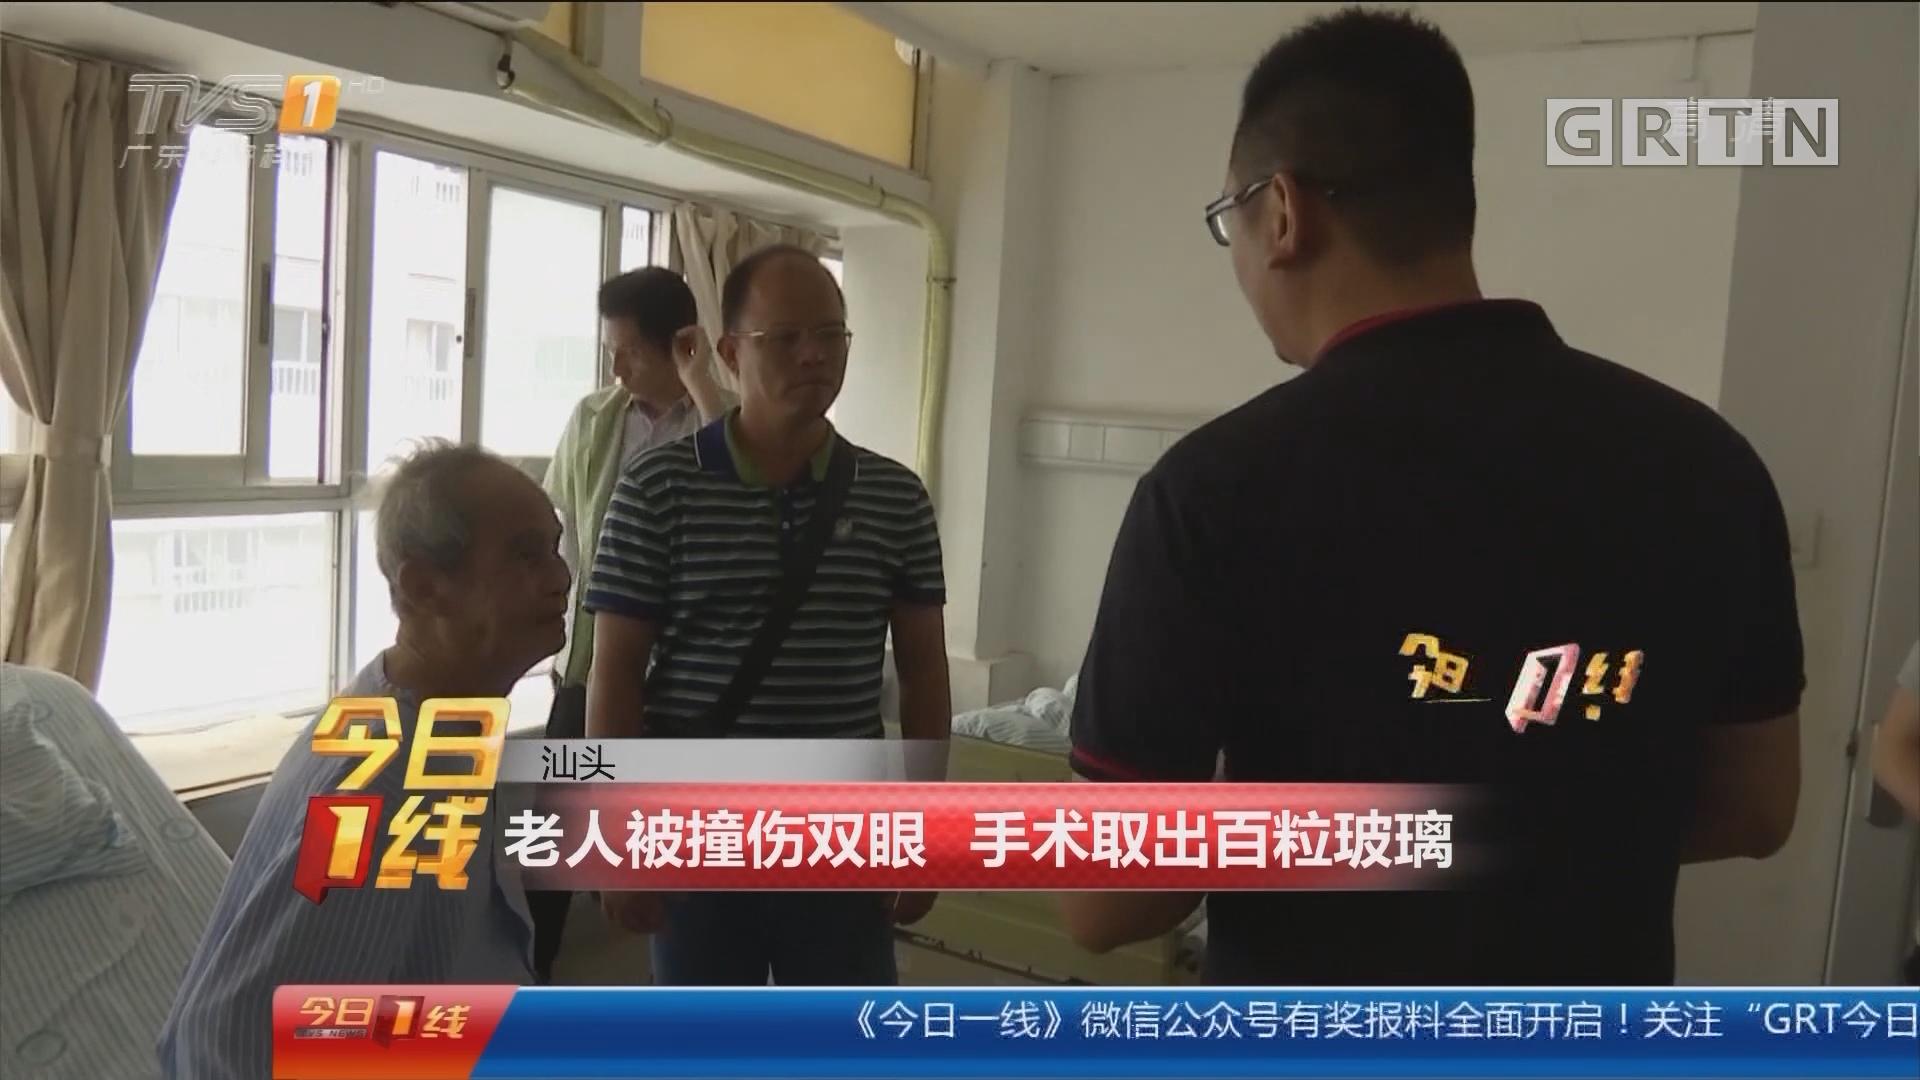 汕头:老人被撞伤双眼 手术取出百粒玻璃